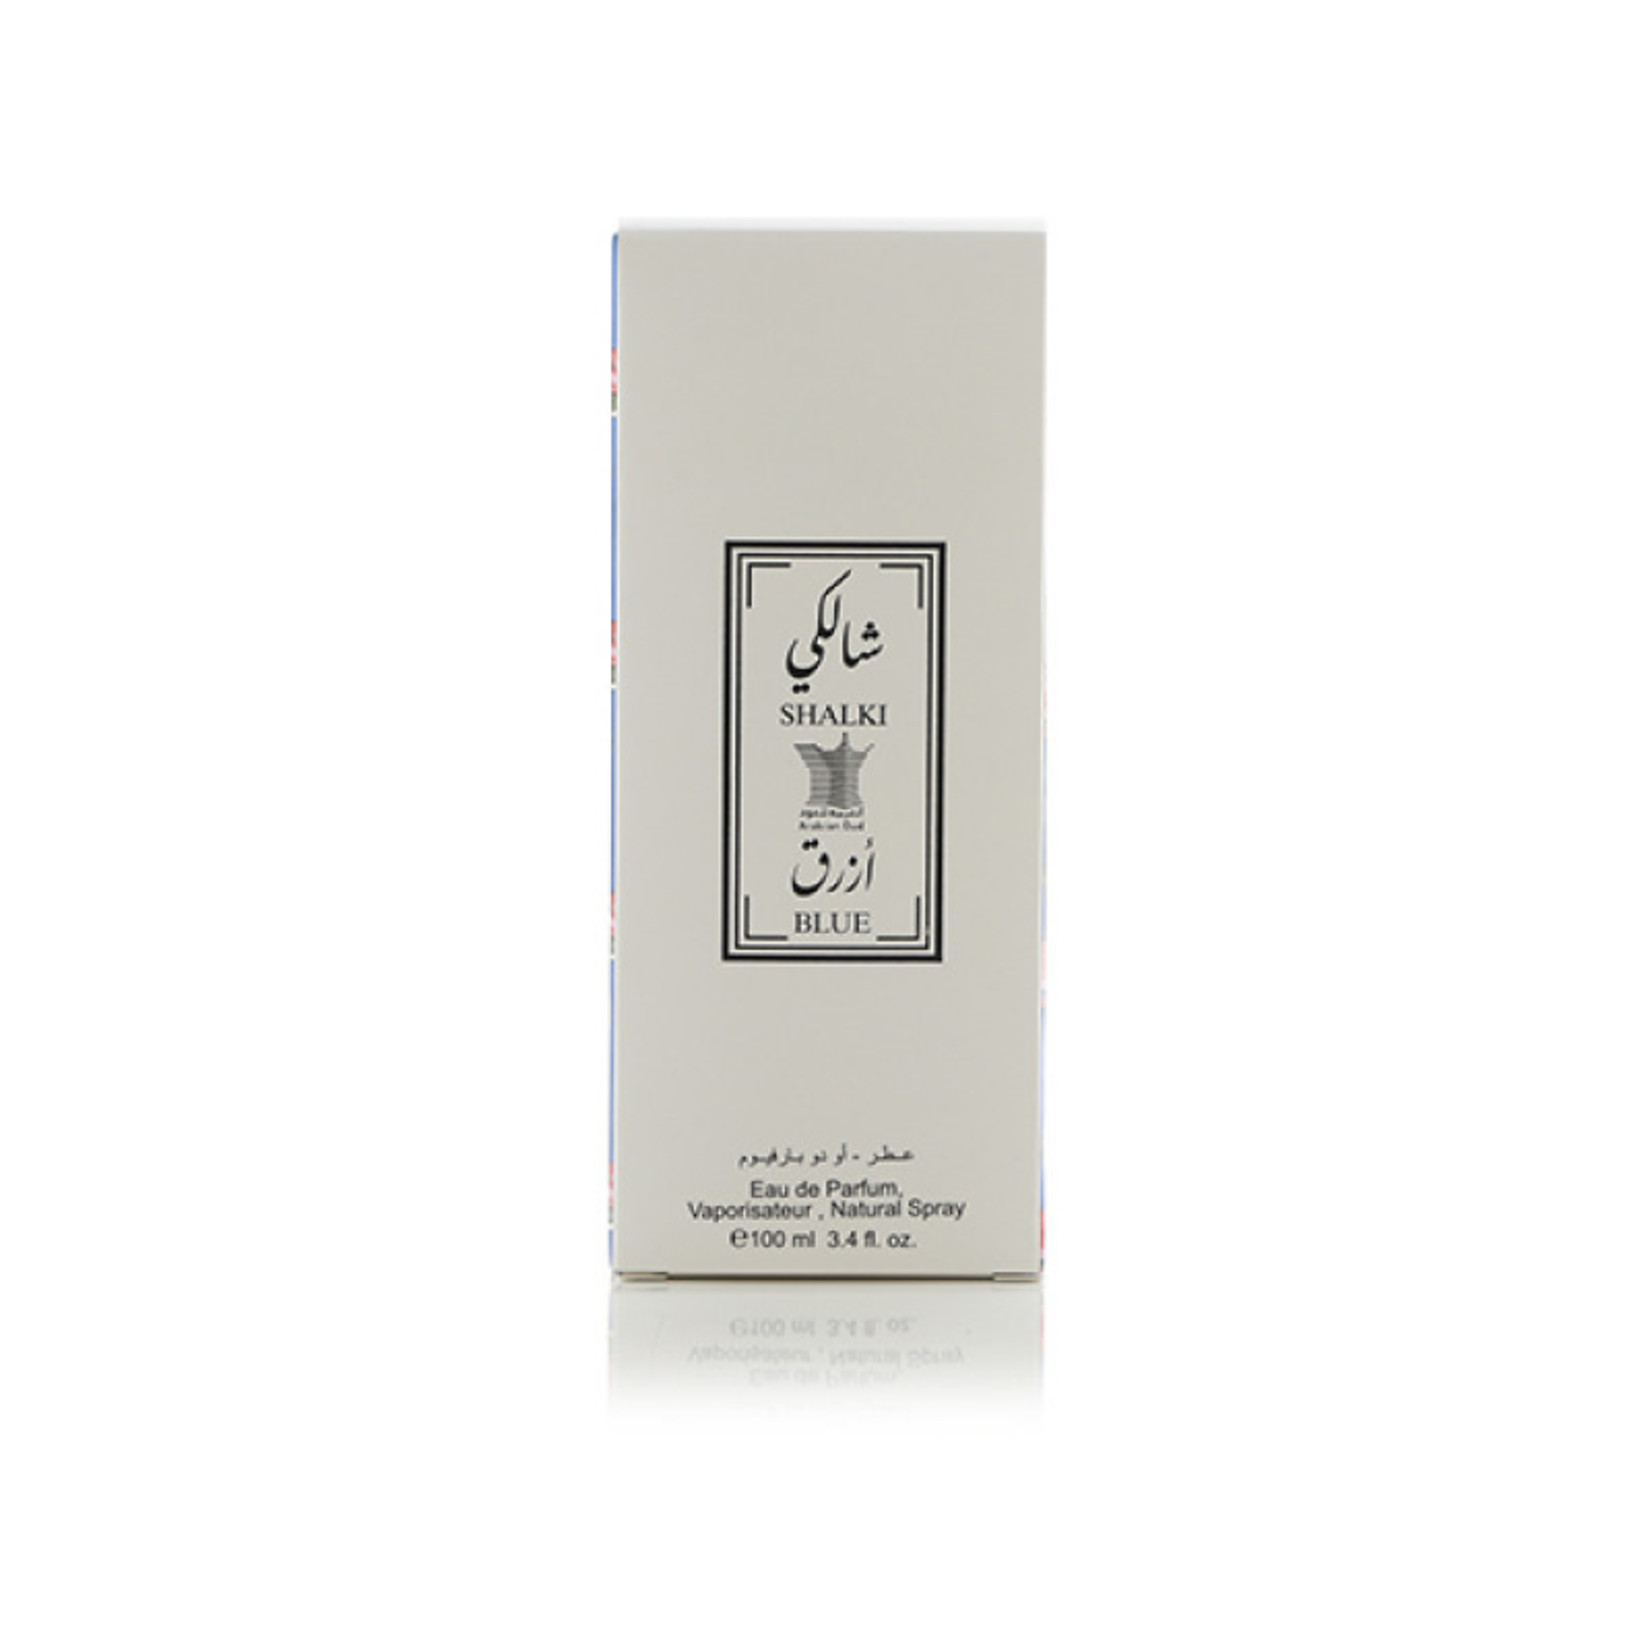 Shalki Blue - Eau de Parfum 100ML